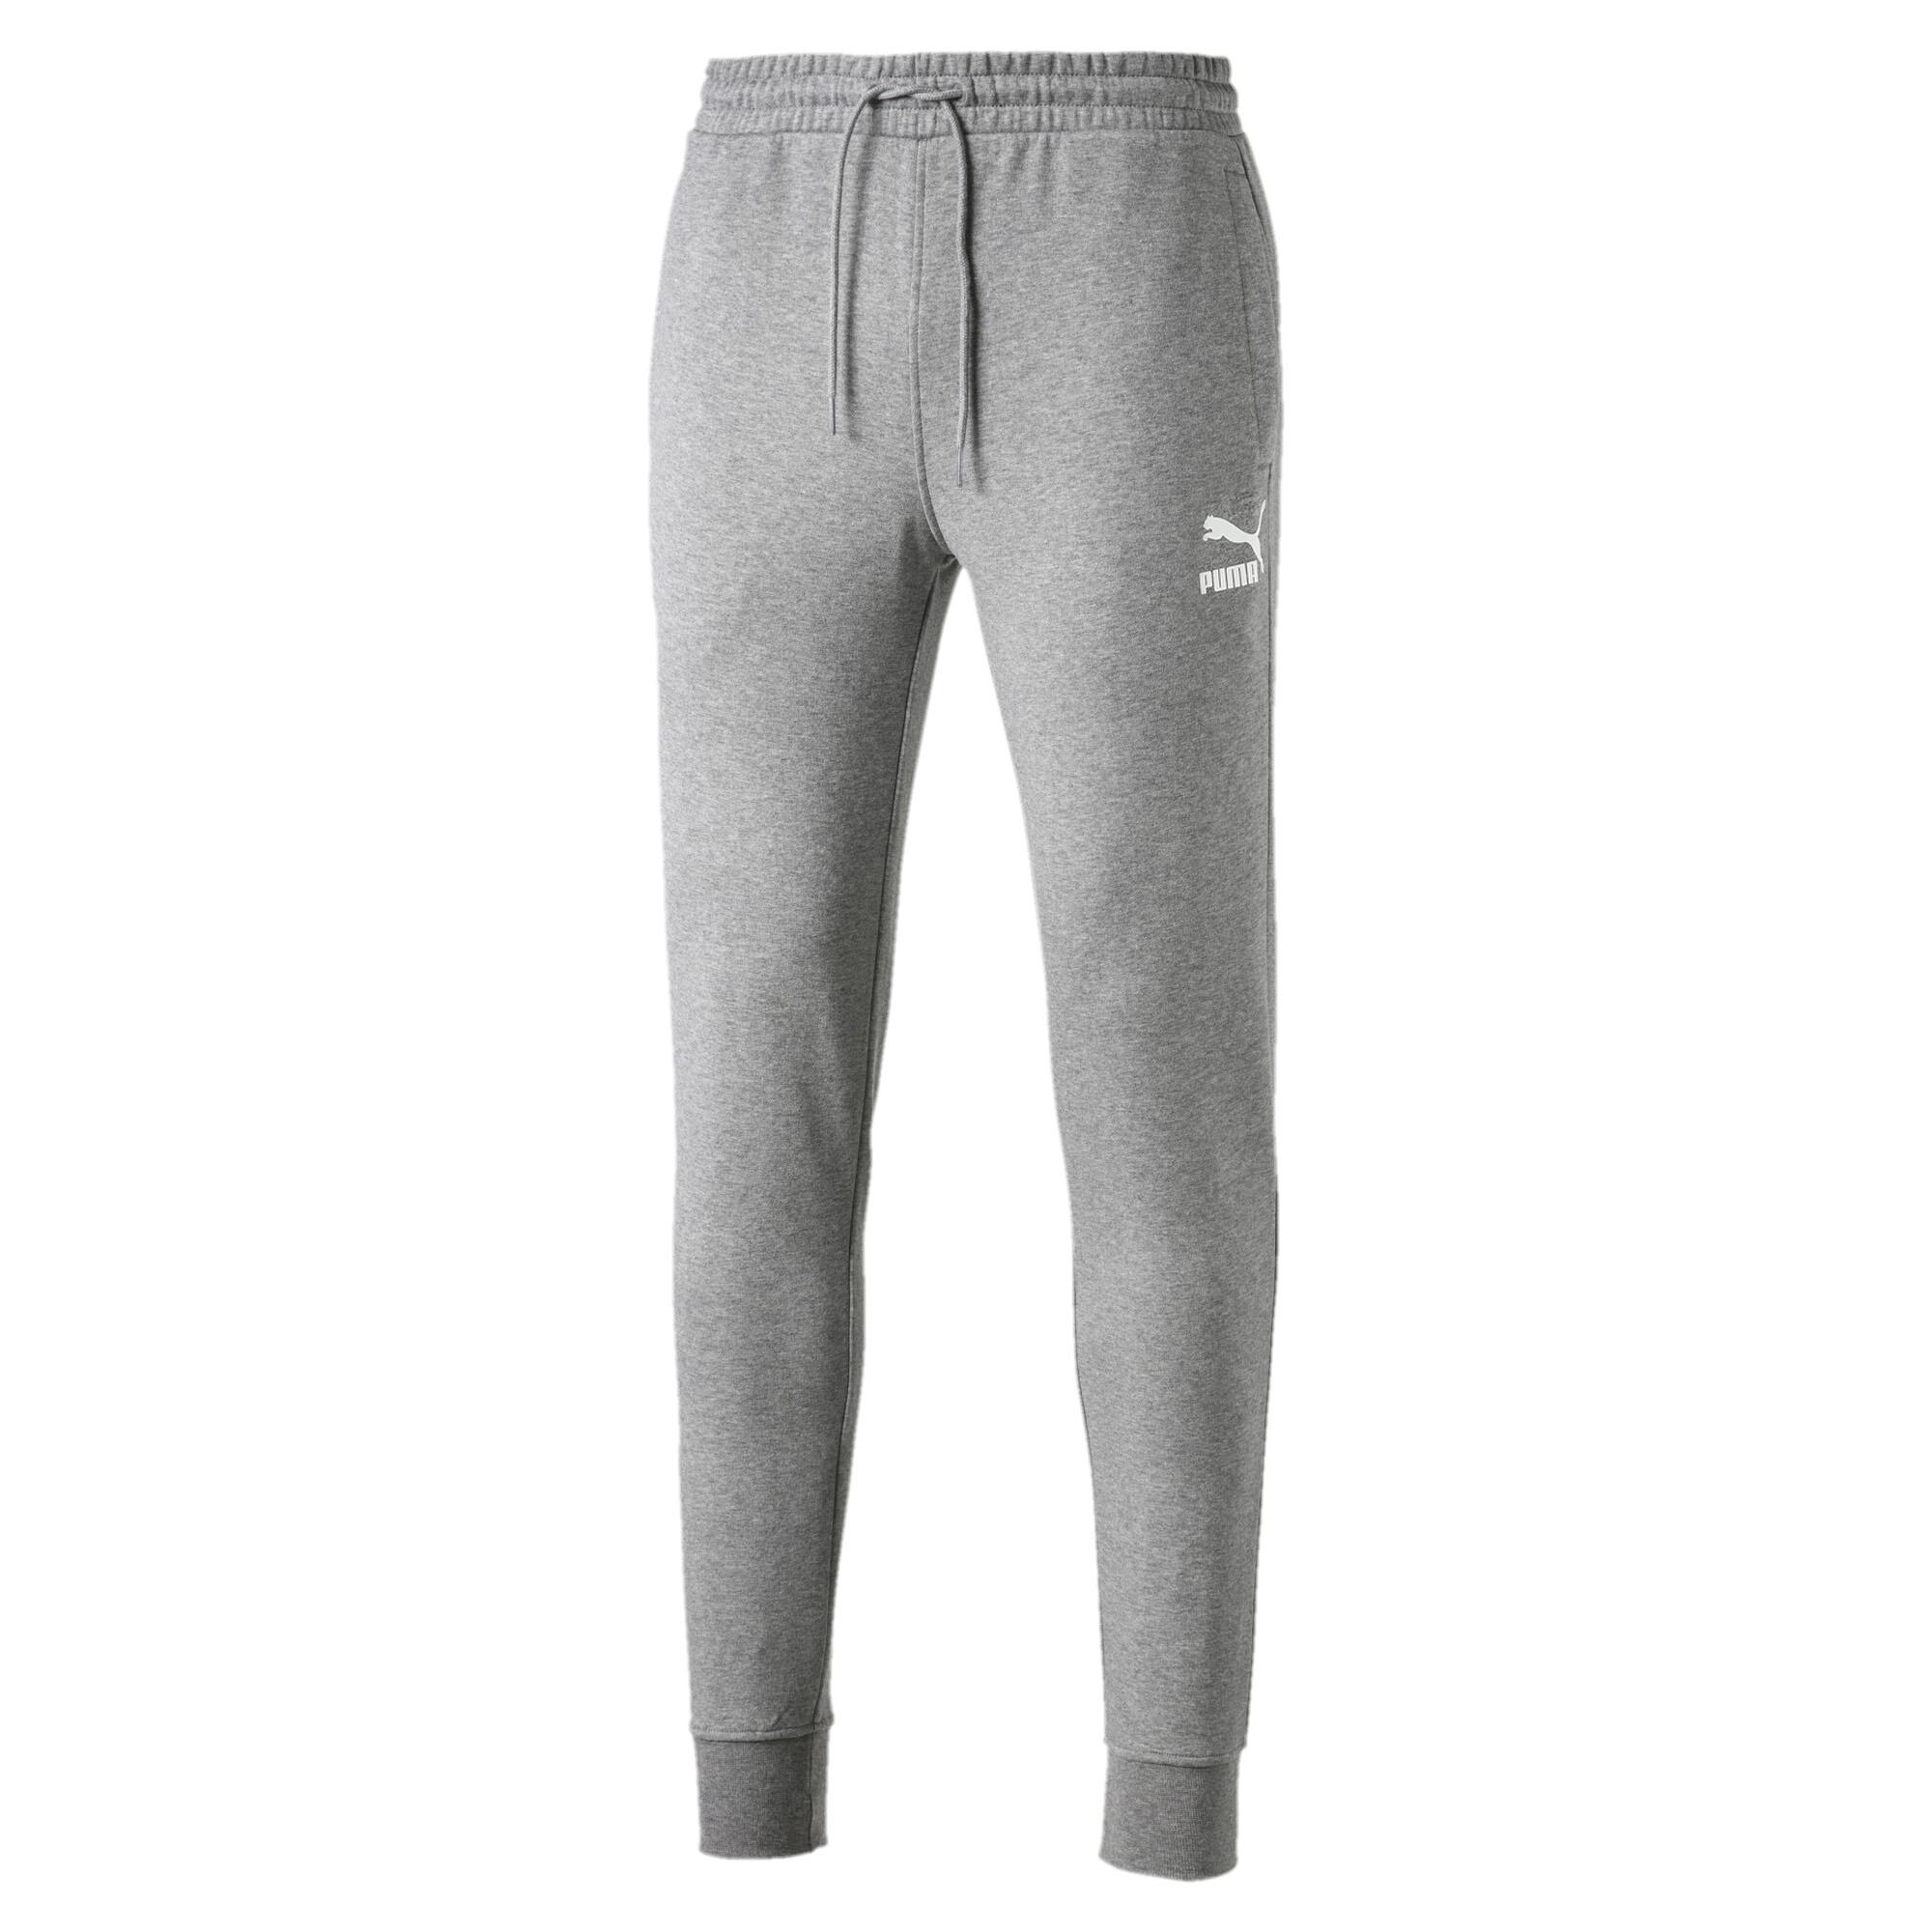 Image Puma Classics Cuffed Men's Sweatpants #4